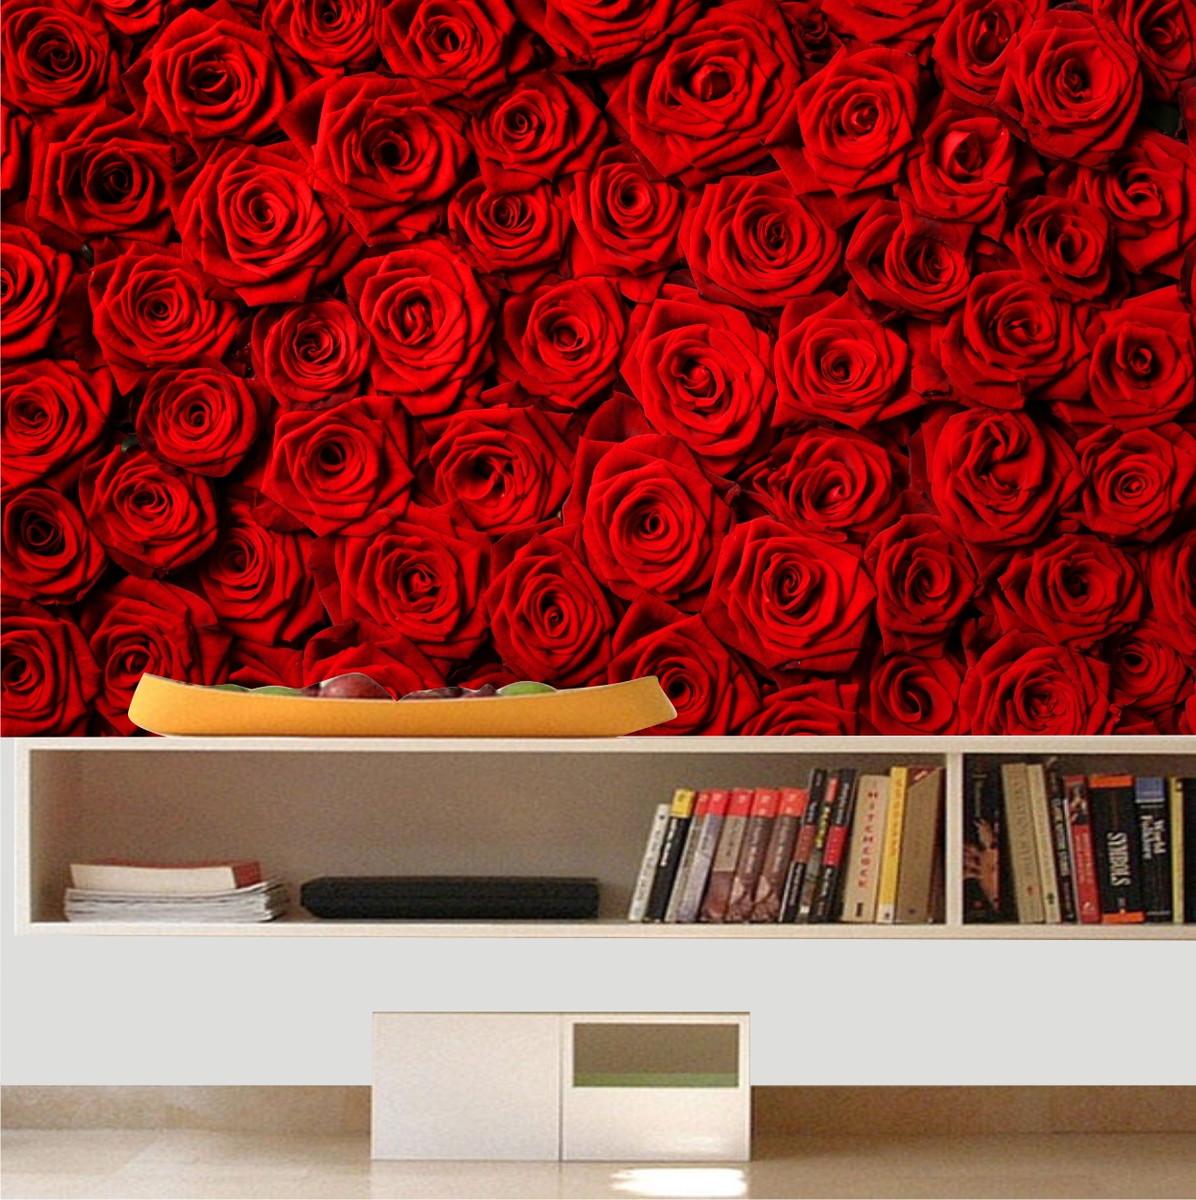 Adesivo papel parede rosas flores quartinhodecorado - Papel pared ...